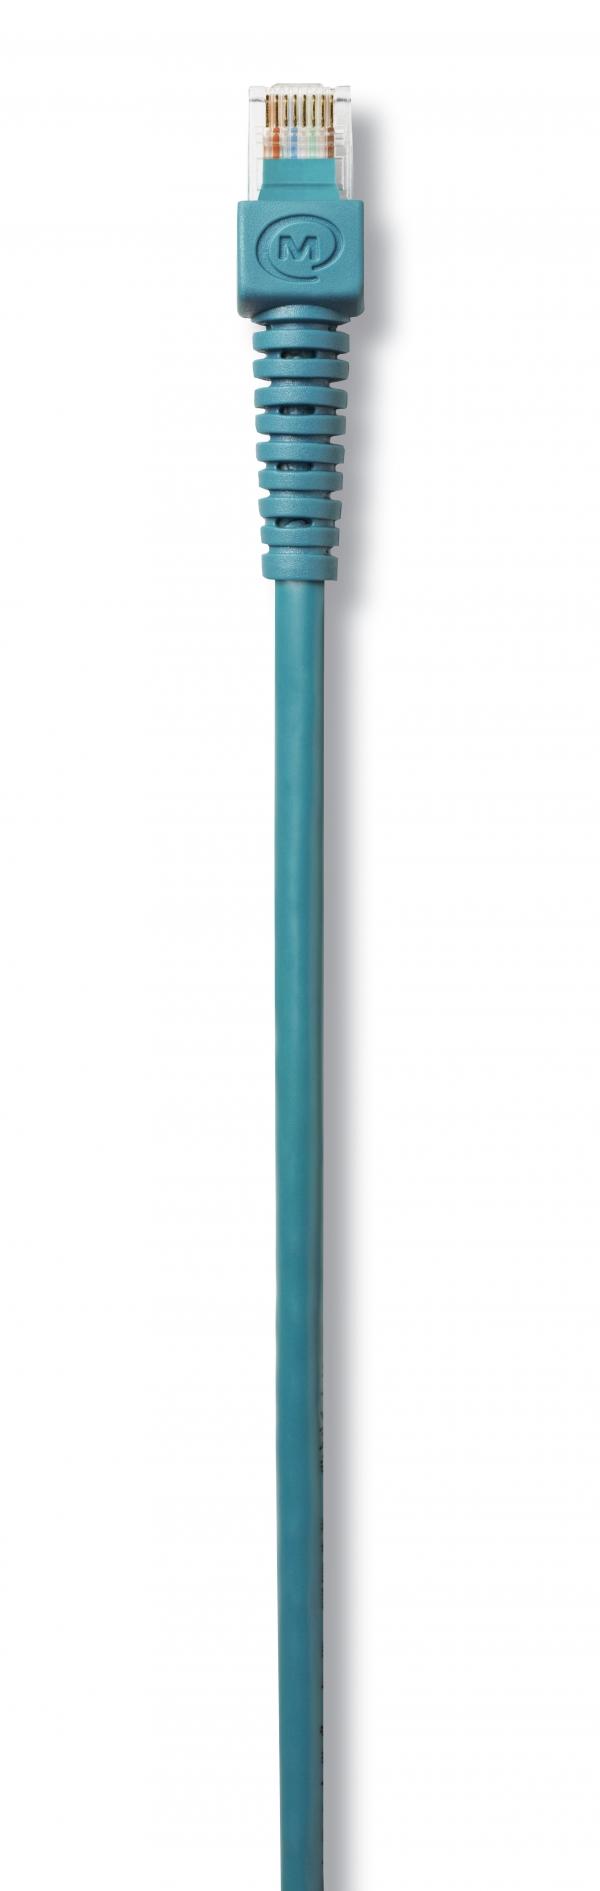 Cavo MasterBus 25 m